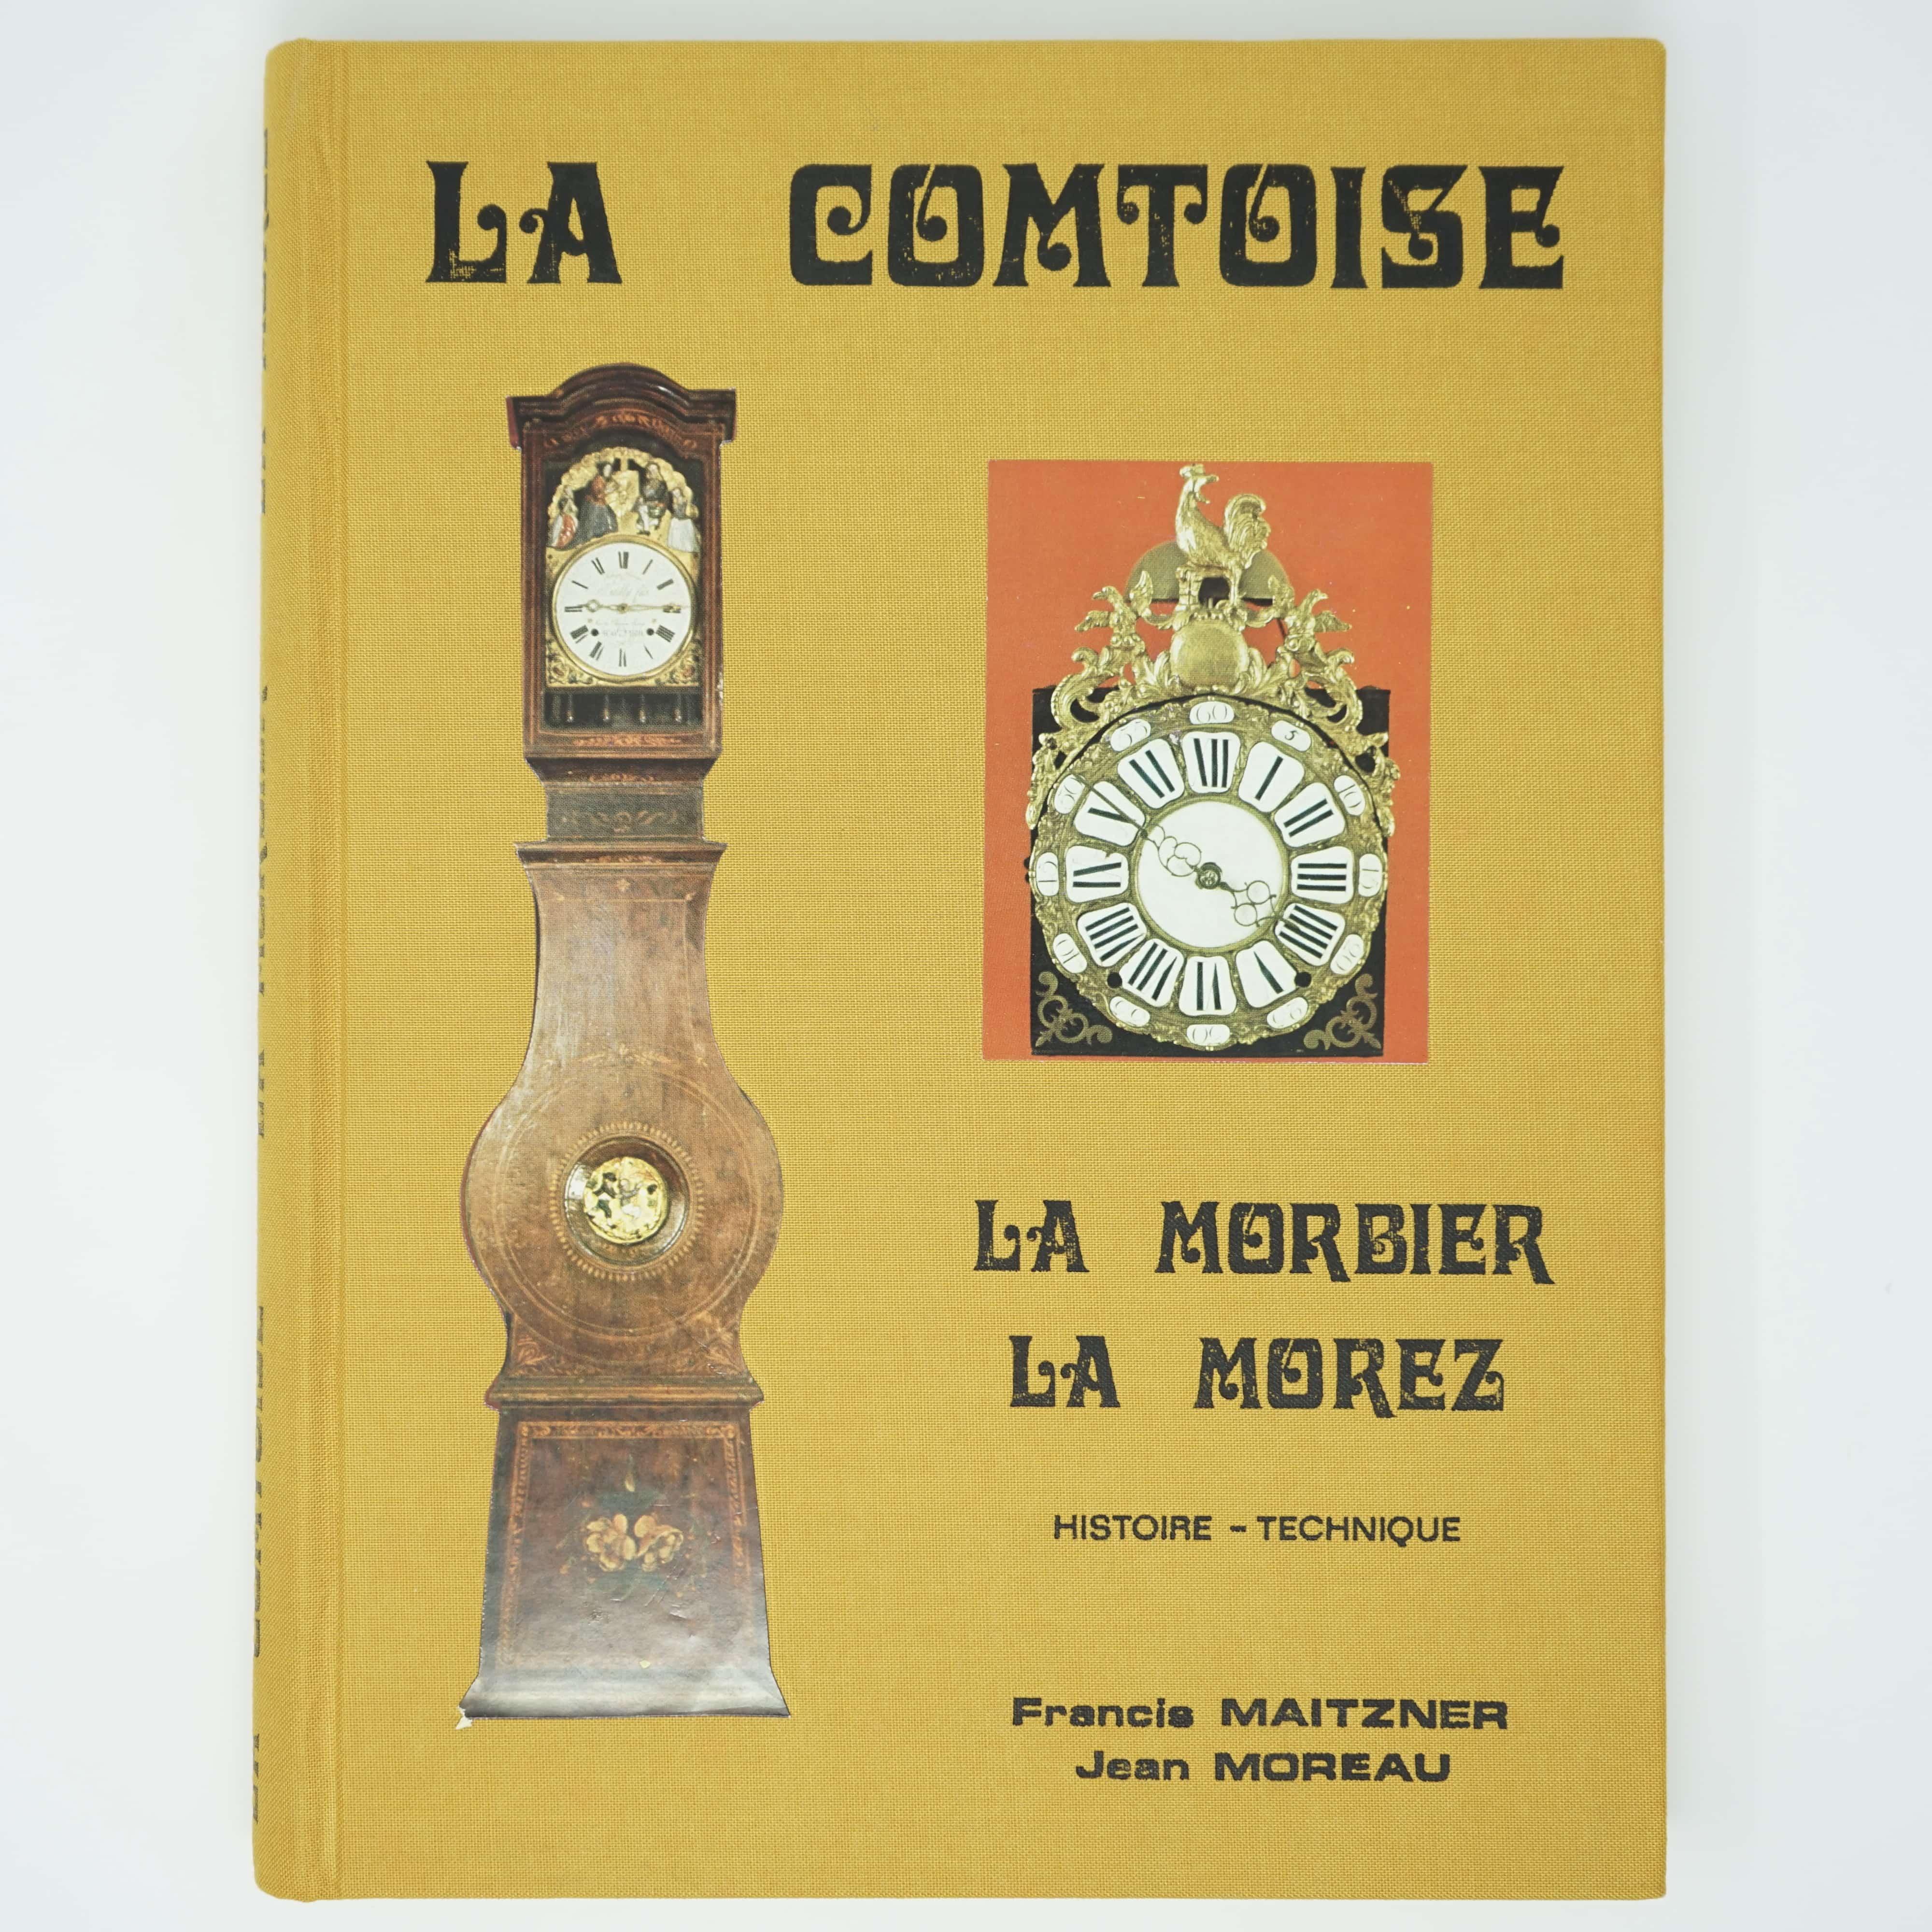 Livre La Comtoise La Morbier La Morez